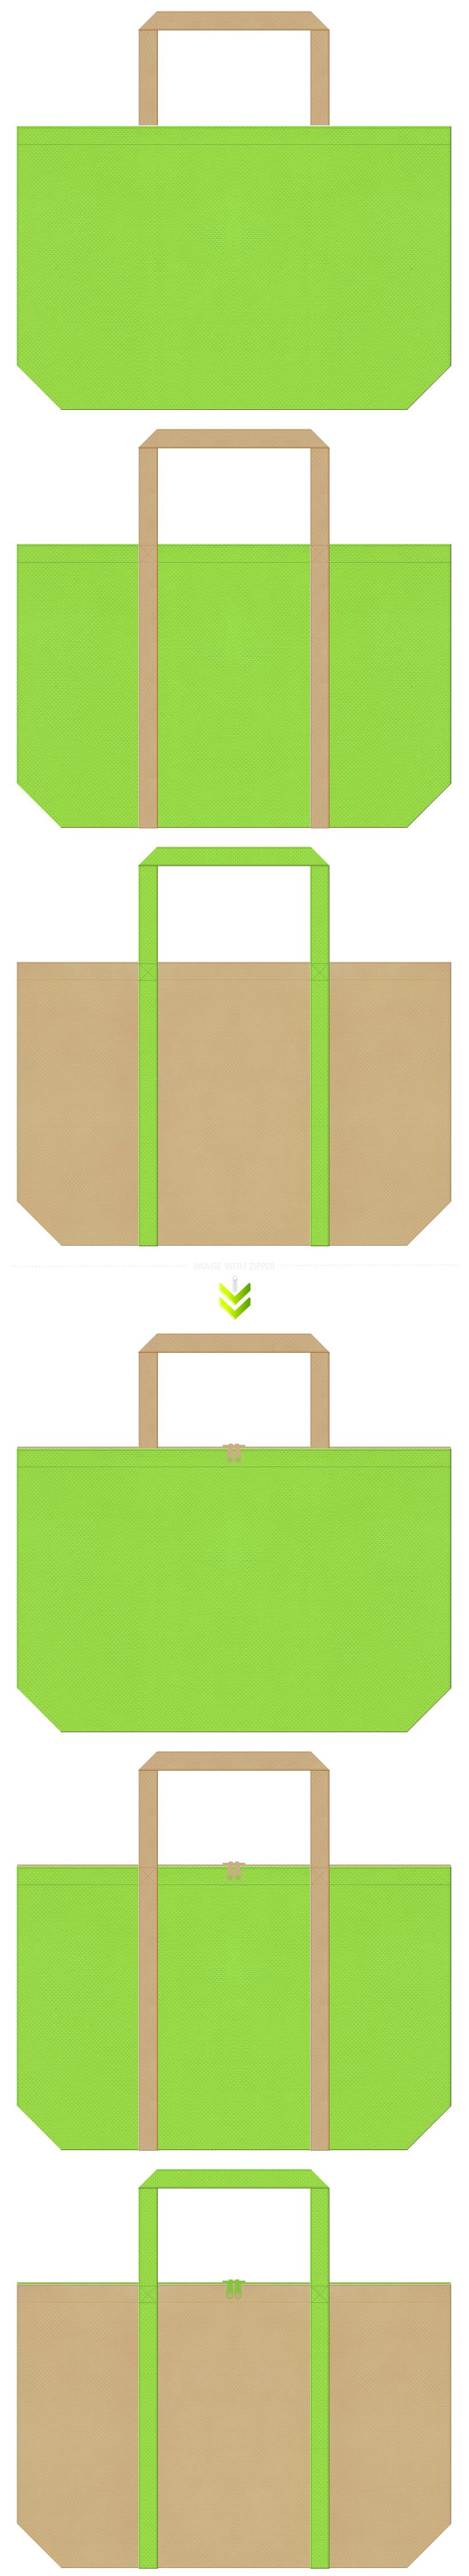 黄緑色とカーキ色の不織布エコバッグのデザイン。